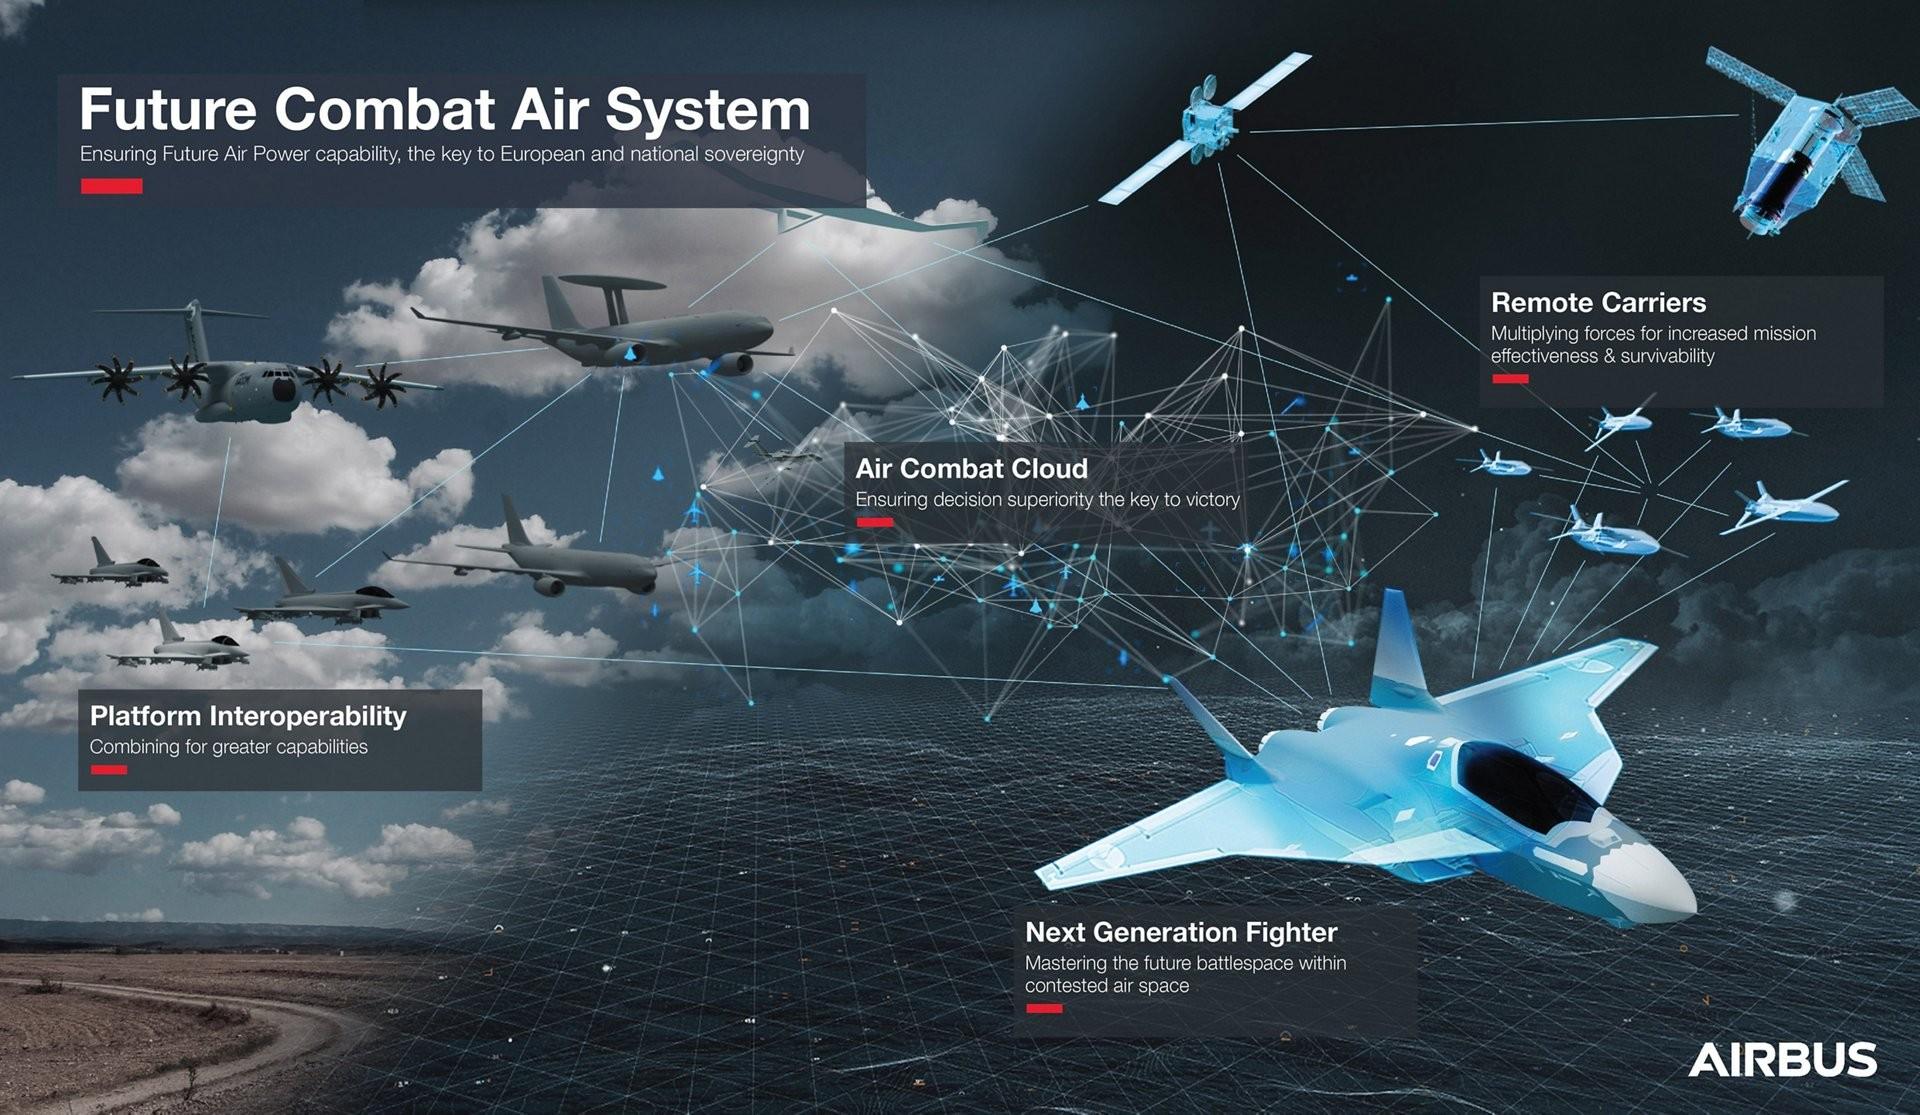 에어버스 자율비행 미래 전투항공시스템 구성도, 이미지제공=에어버스